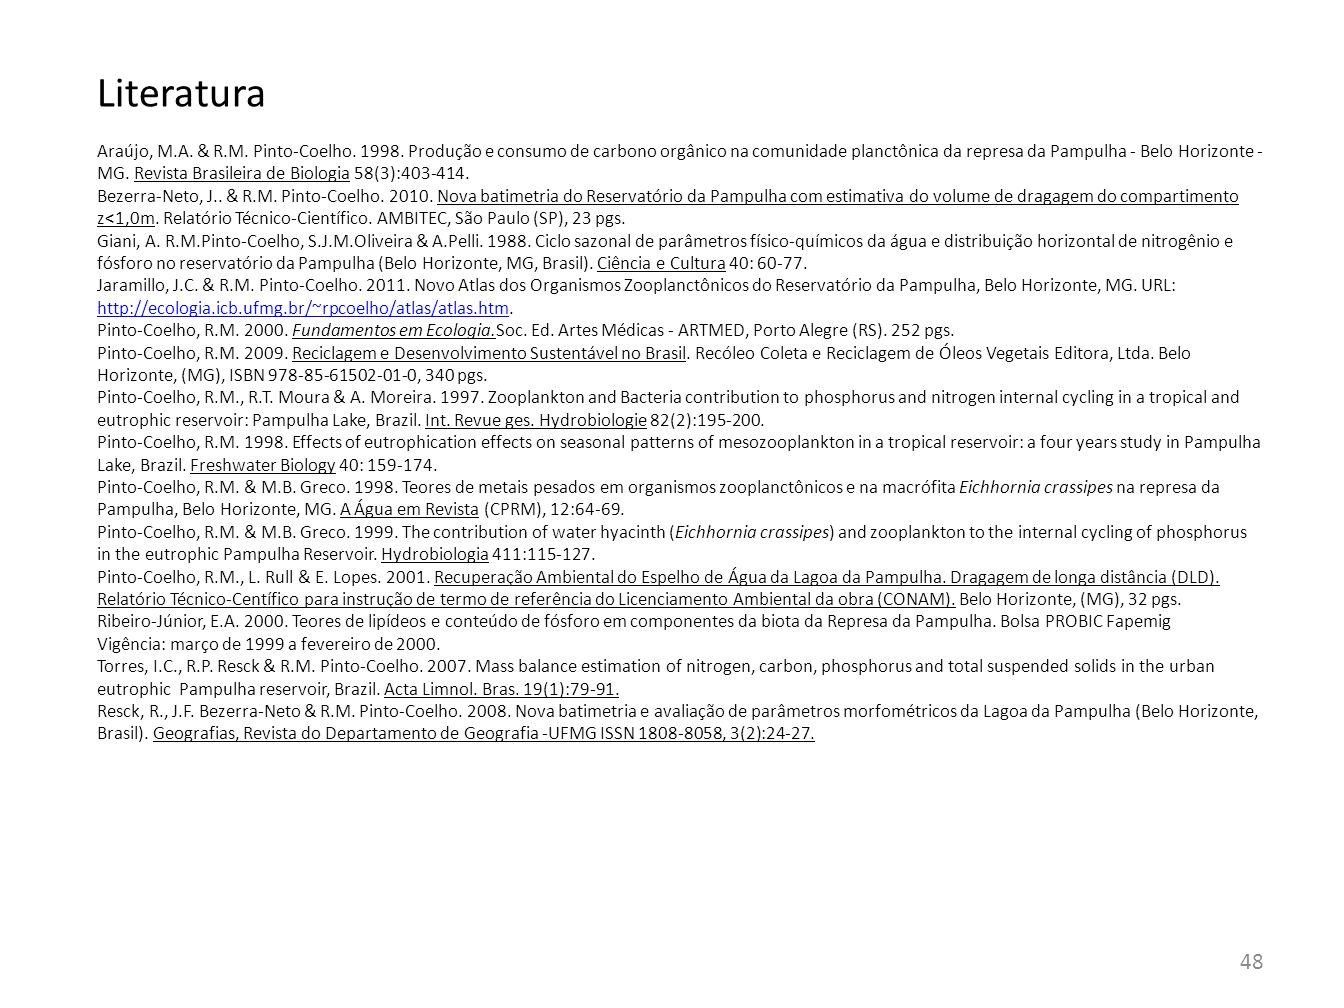 48 Literatura Araújo, M.A. & R.M. Pinto-Coelho. 1998. Produção e consumo de carbono orgânico na comunidade planctônica da represa da Pampulha - Belo H